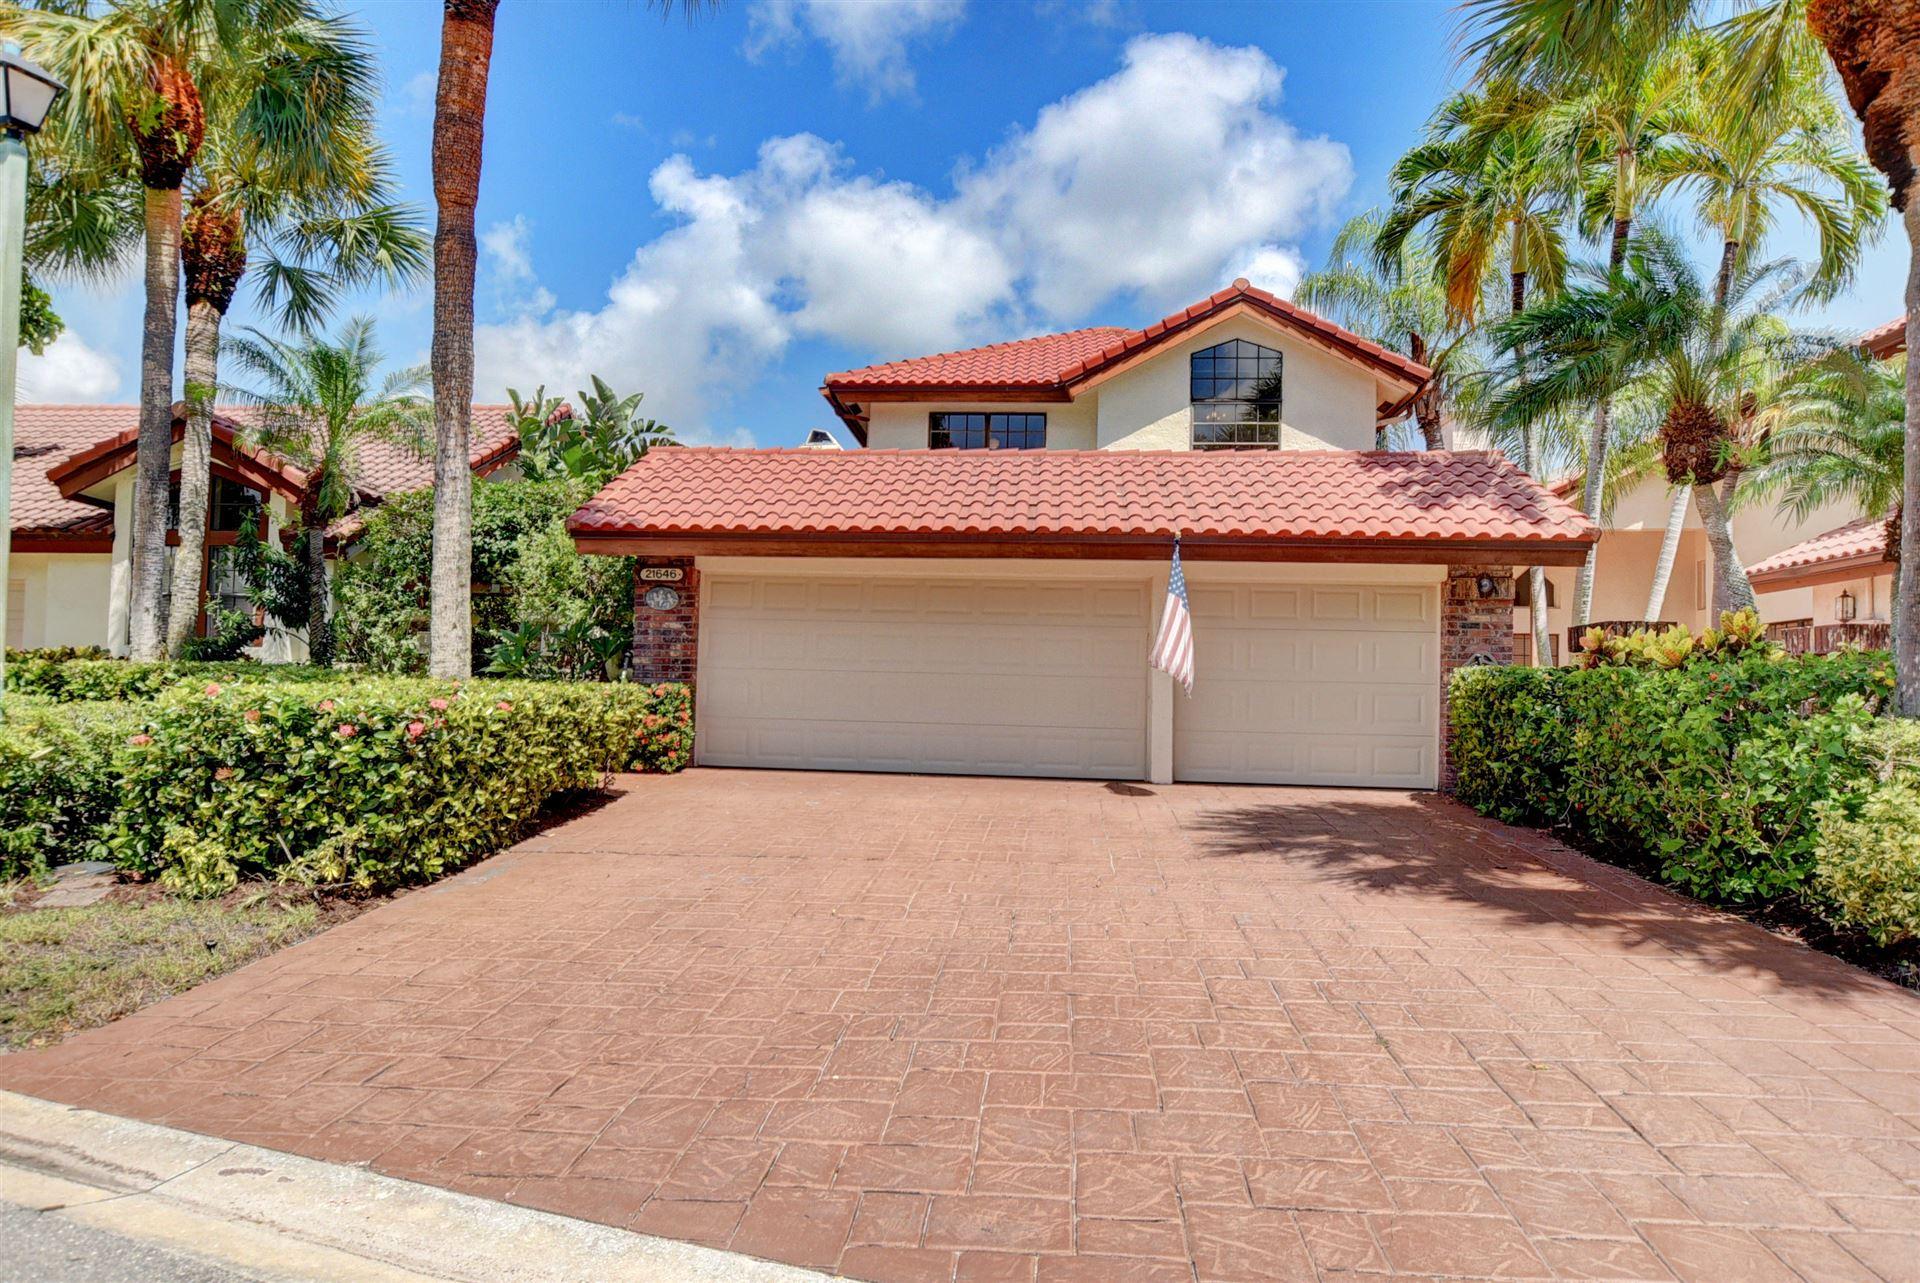 21646 Club Villa Ter Terrace, Boca Raton, FL 33433 - #: RX-10655522